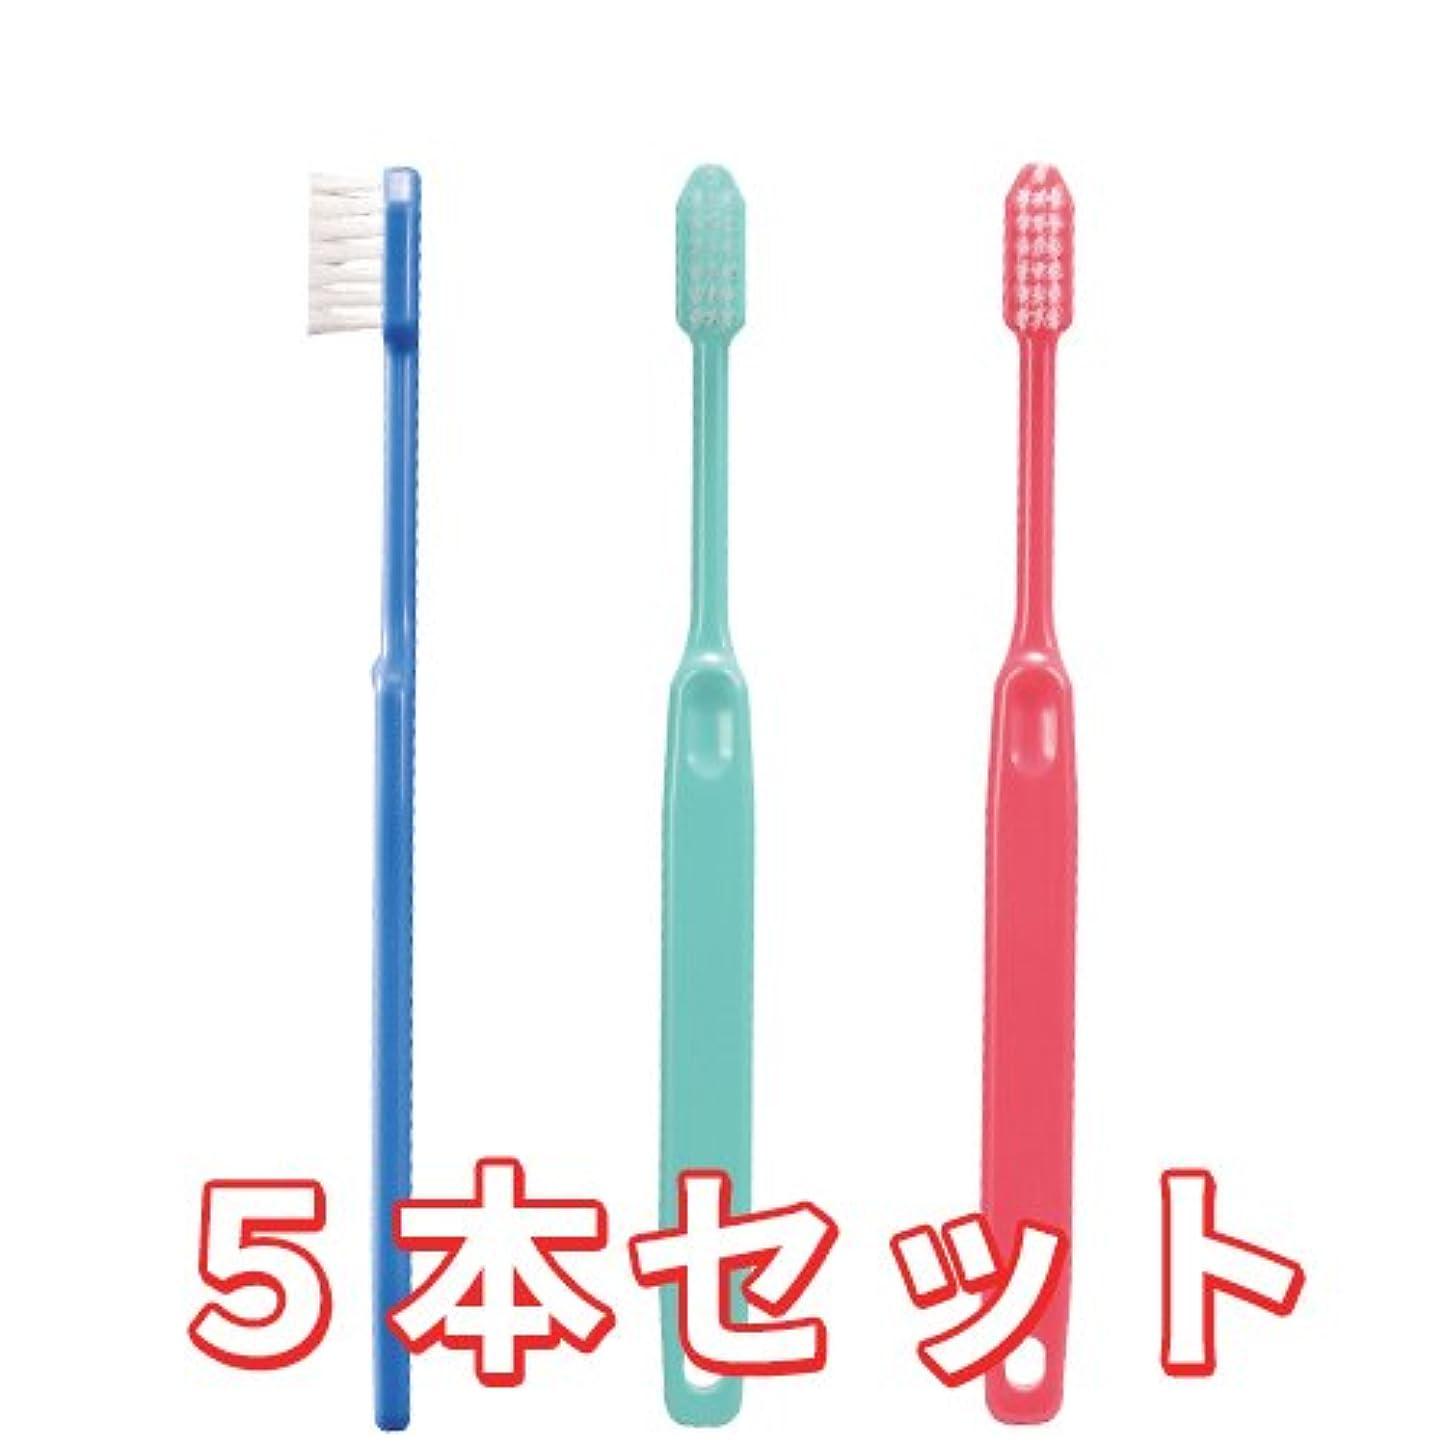 おしゃれじゃない安全キャプチャーCiメディカル 歯ブラシ コンパクトヘッド 疎毛タイプ アソート 5本 (Ci25(やわらかめ))